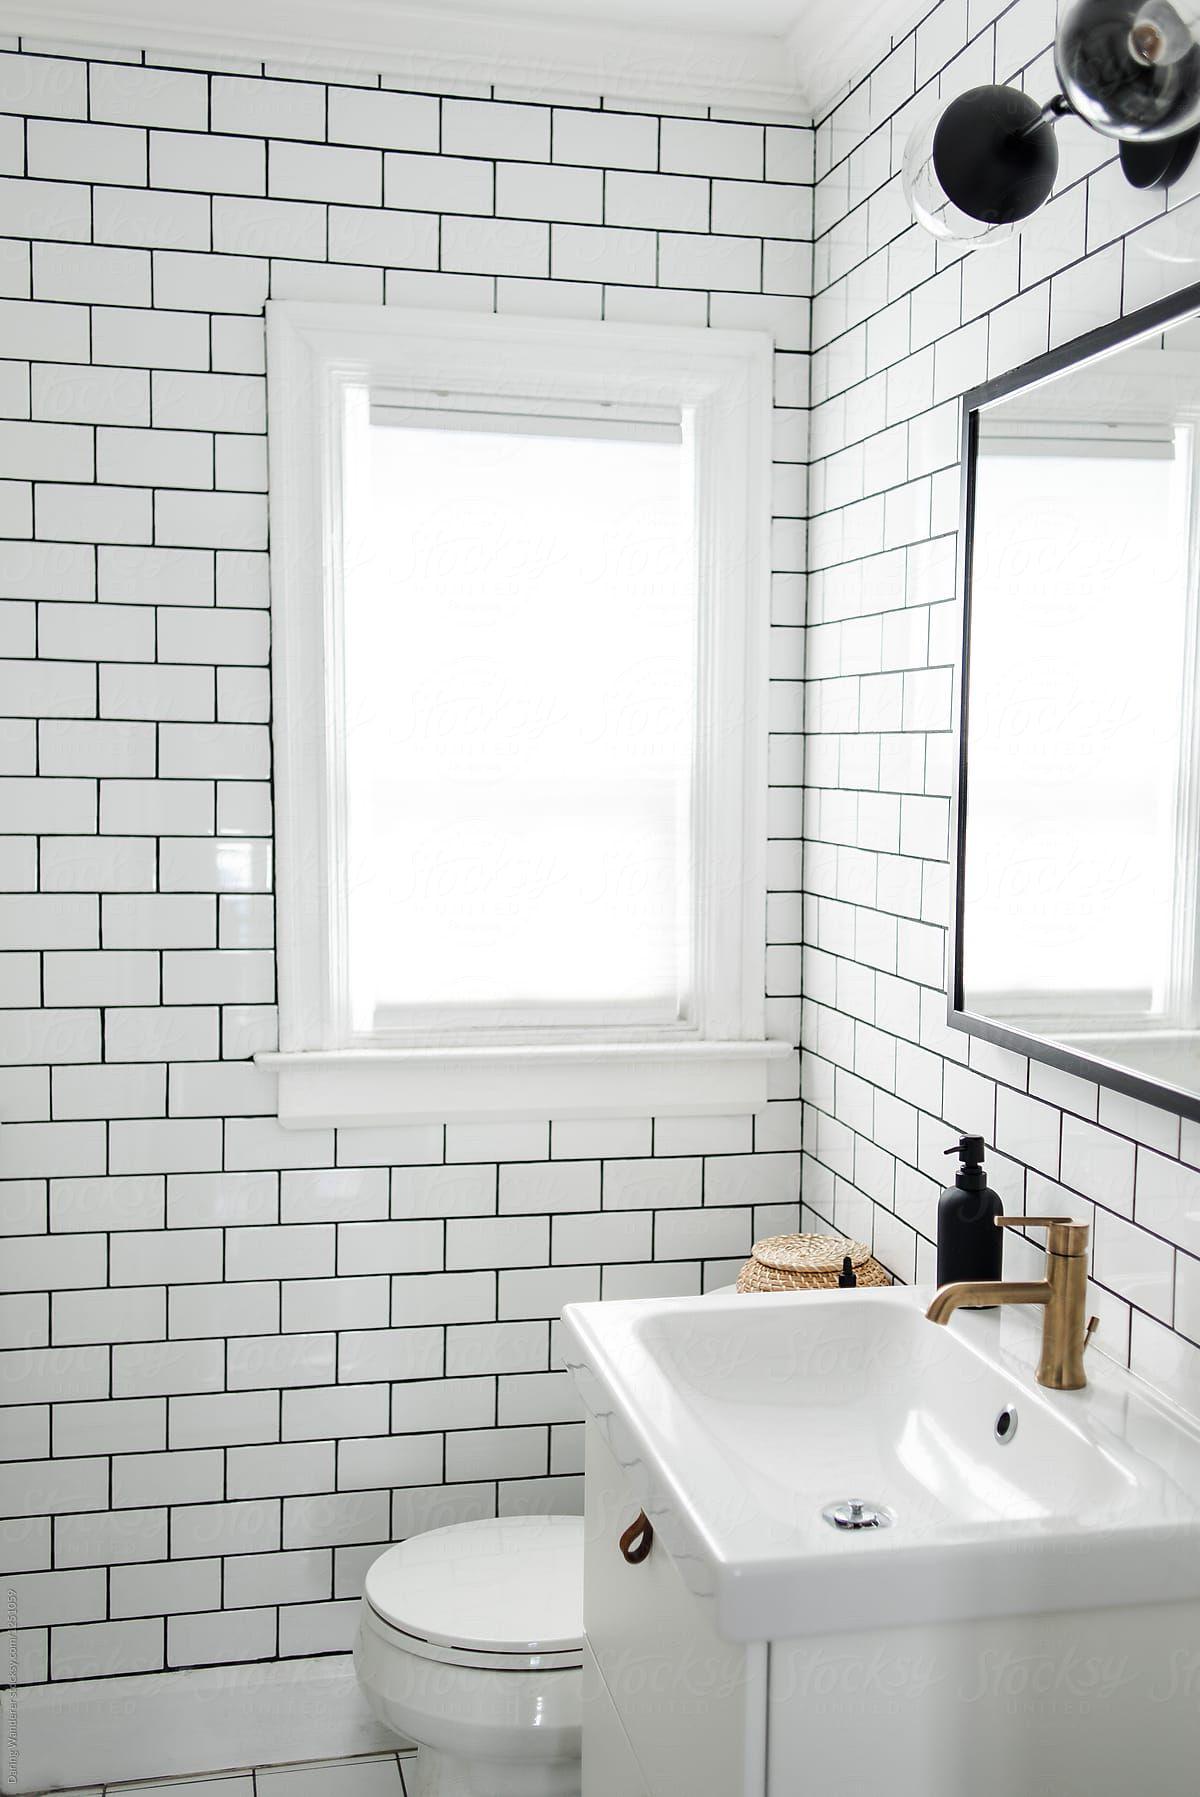 Minimalist Small Bathroom Renovation With White Subway Tile And Ikea Cabinet By Daring Wanderer For Badezimmer Klein Kleines Bad Renovierungen Schimmel Im Bad